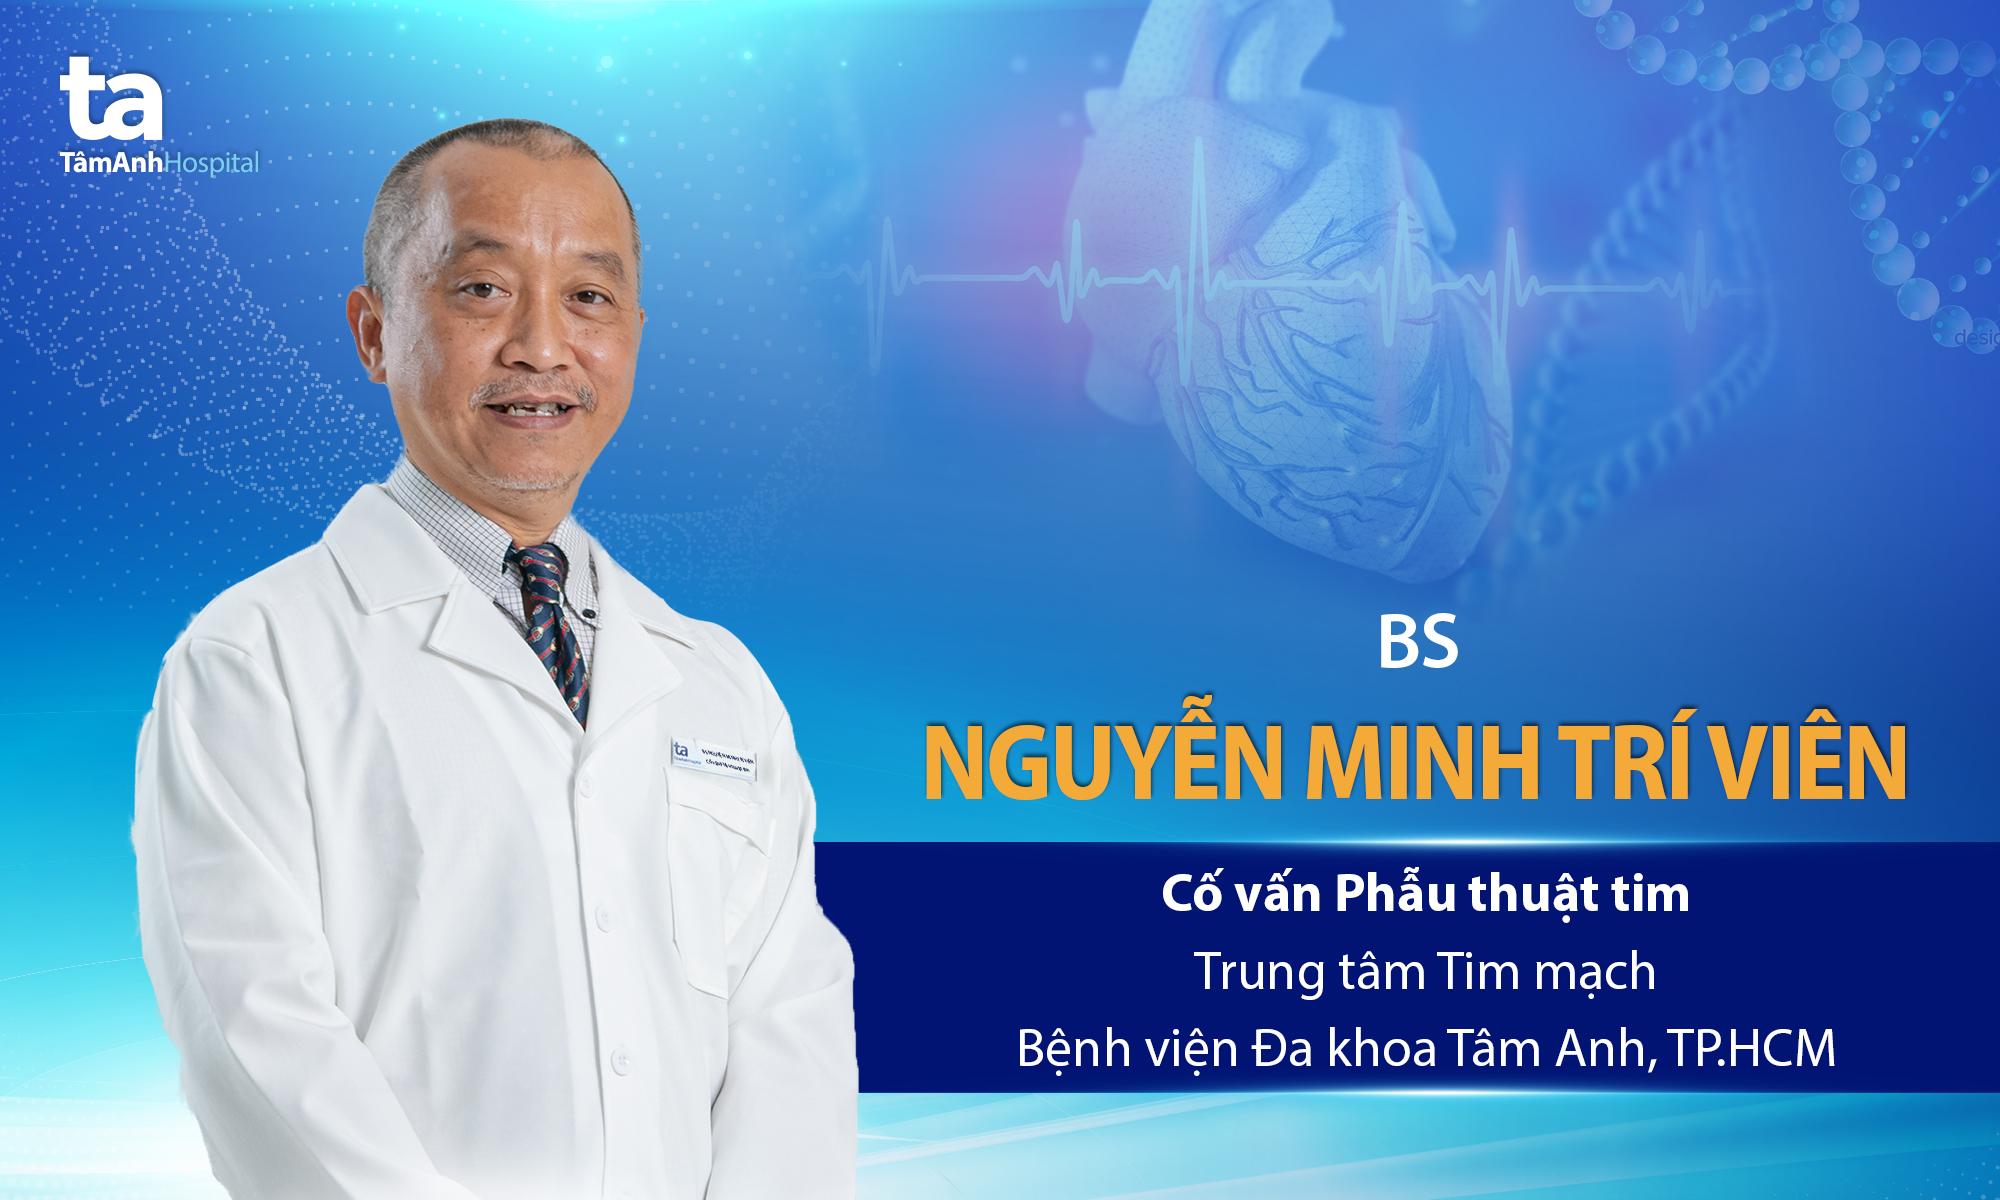 BS Nguyễn Minh Trí Viên